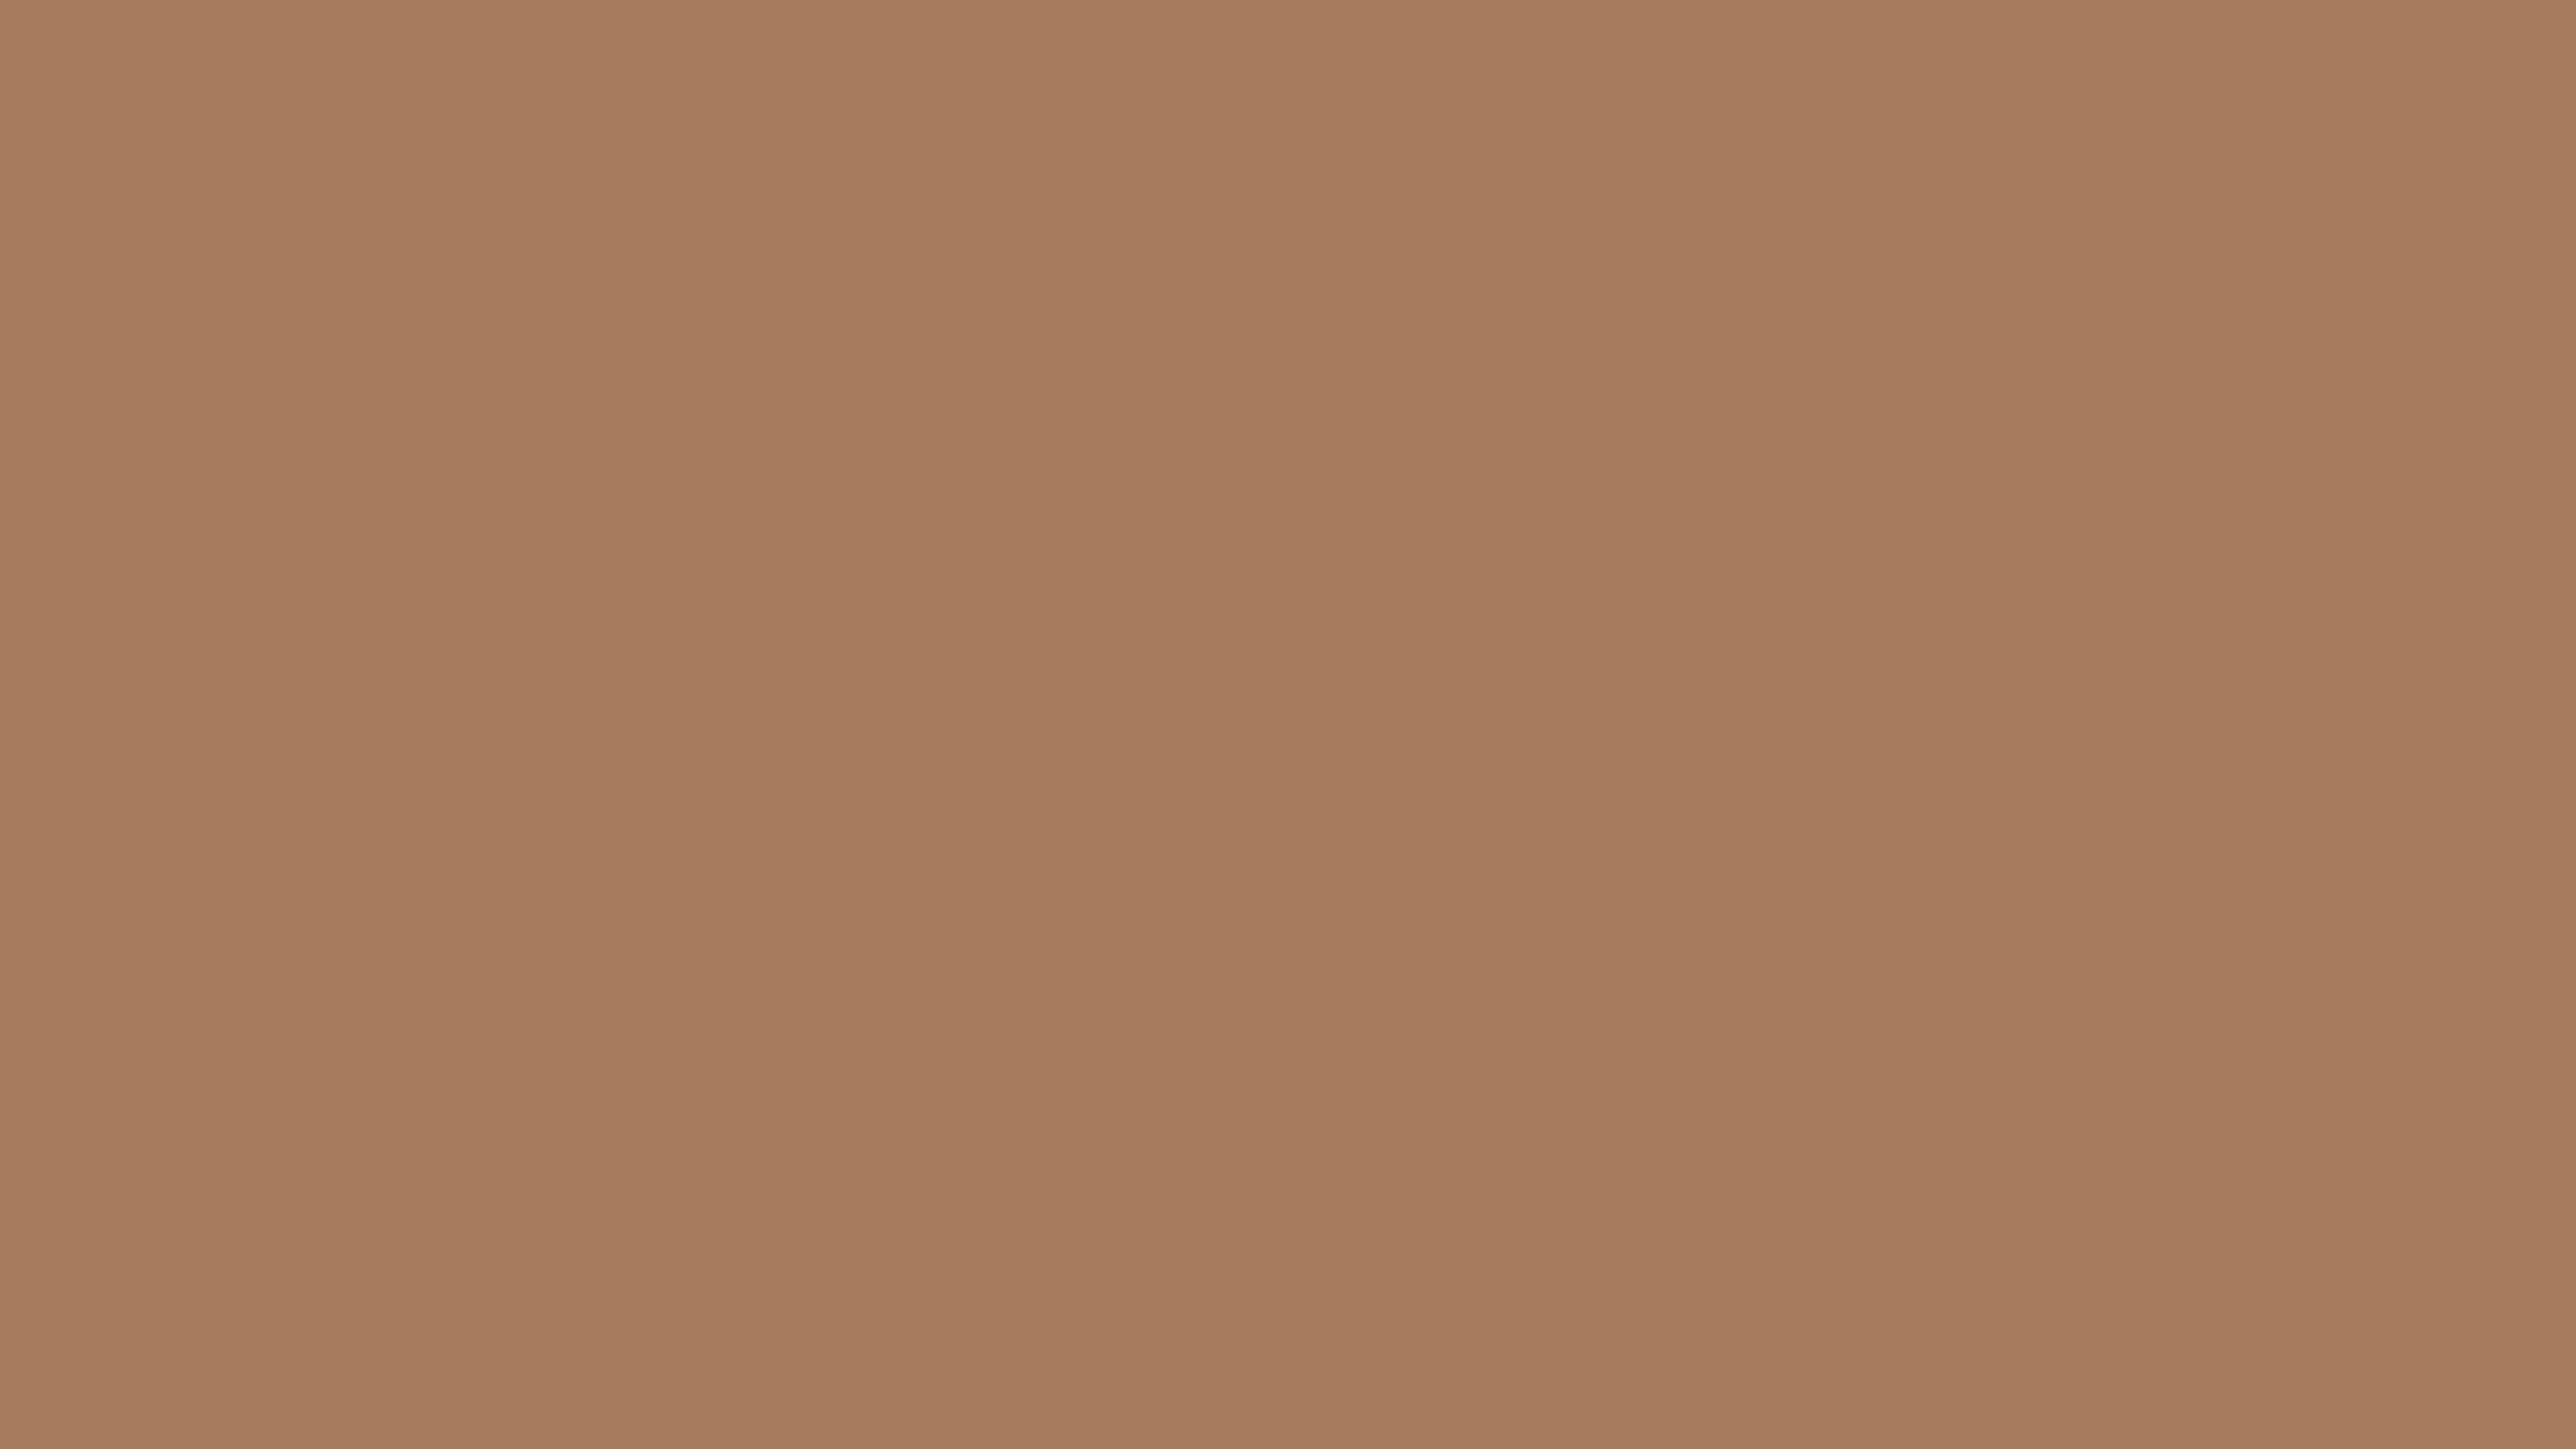 5120x2880 Cafe Au Lait Solid Color Background